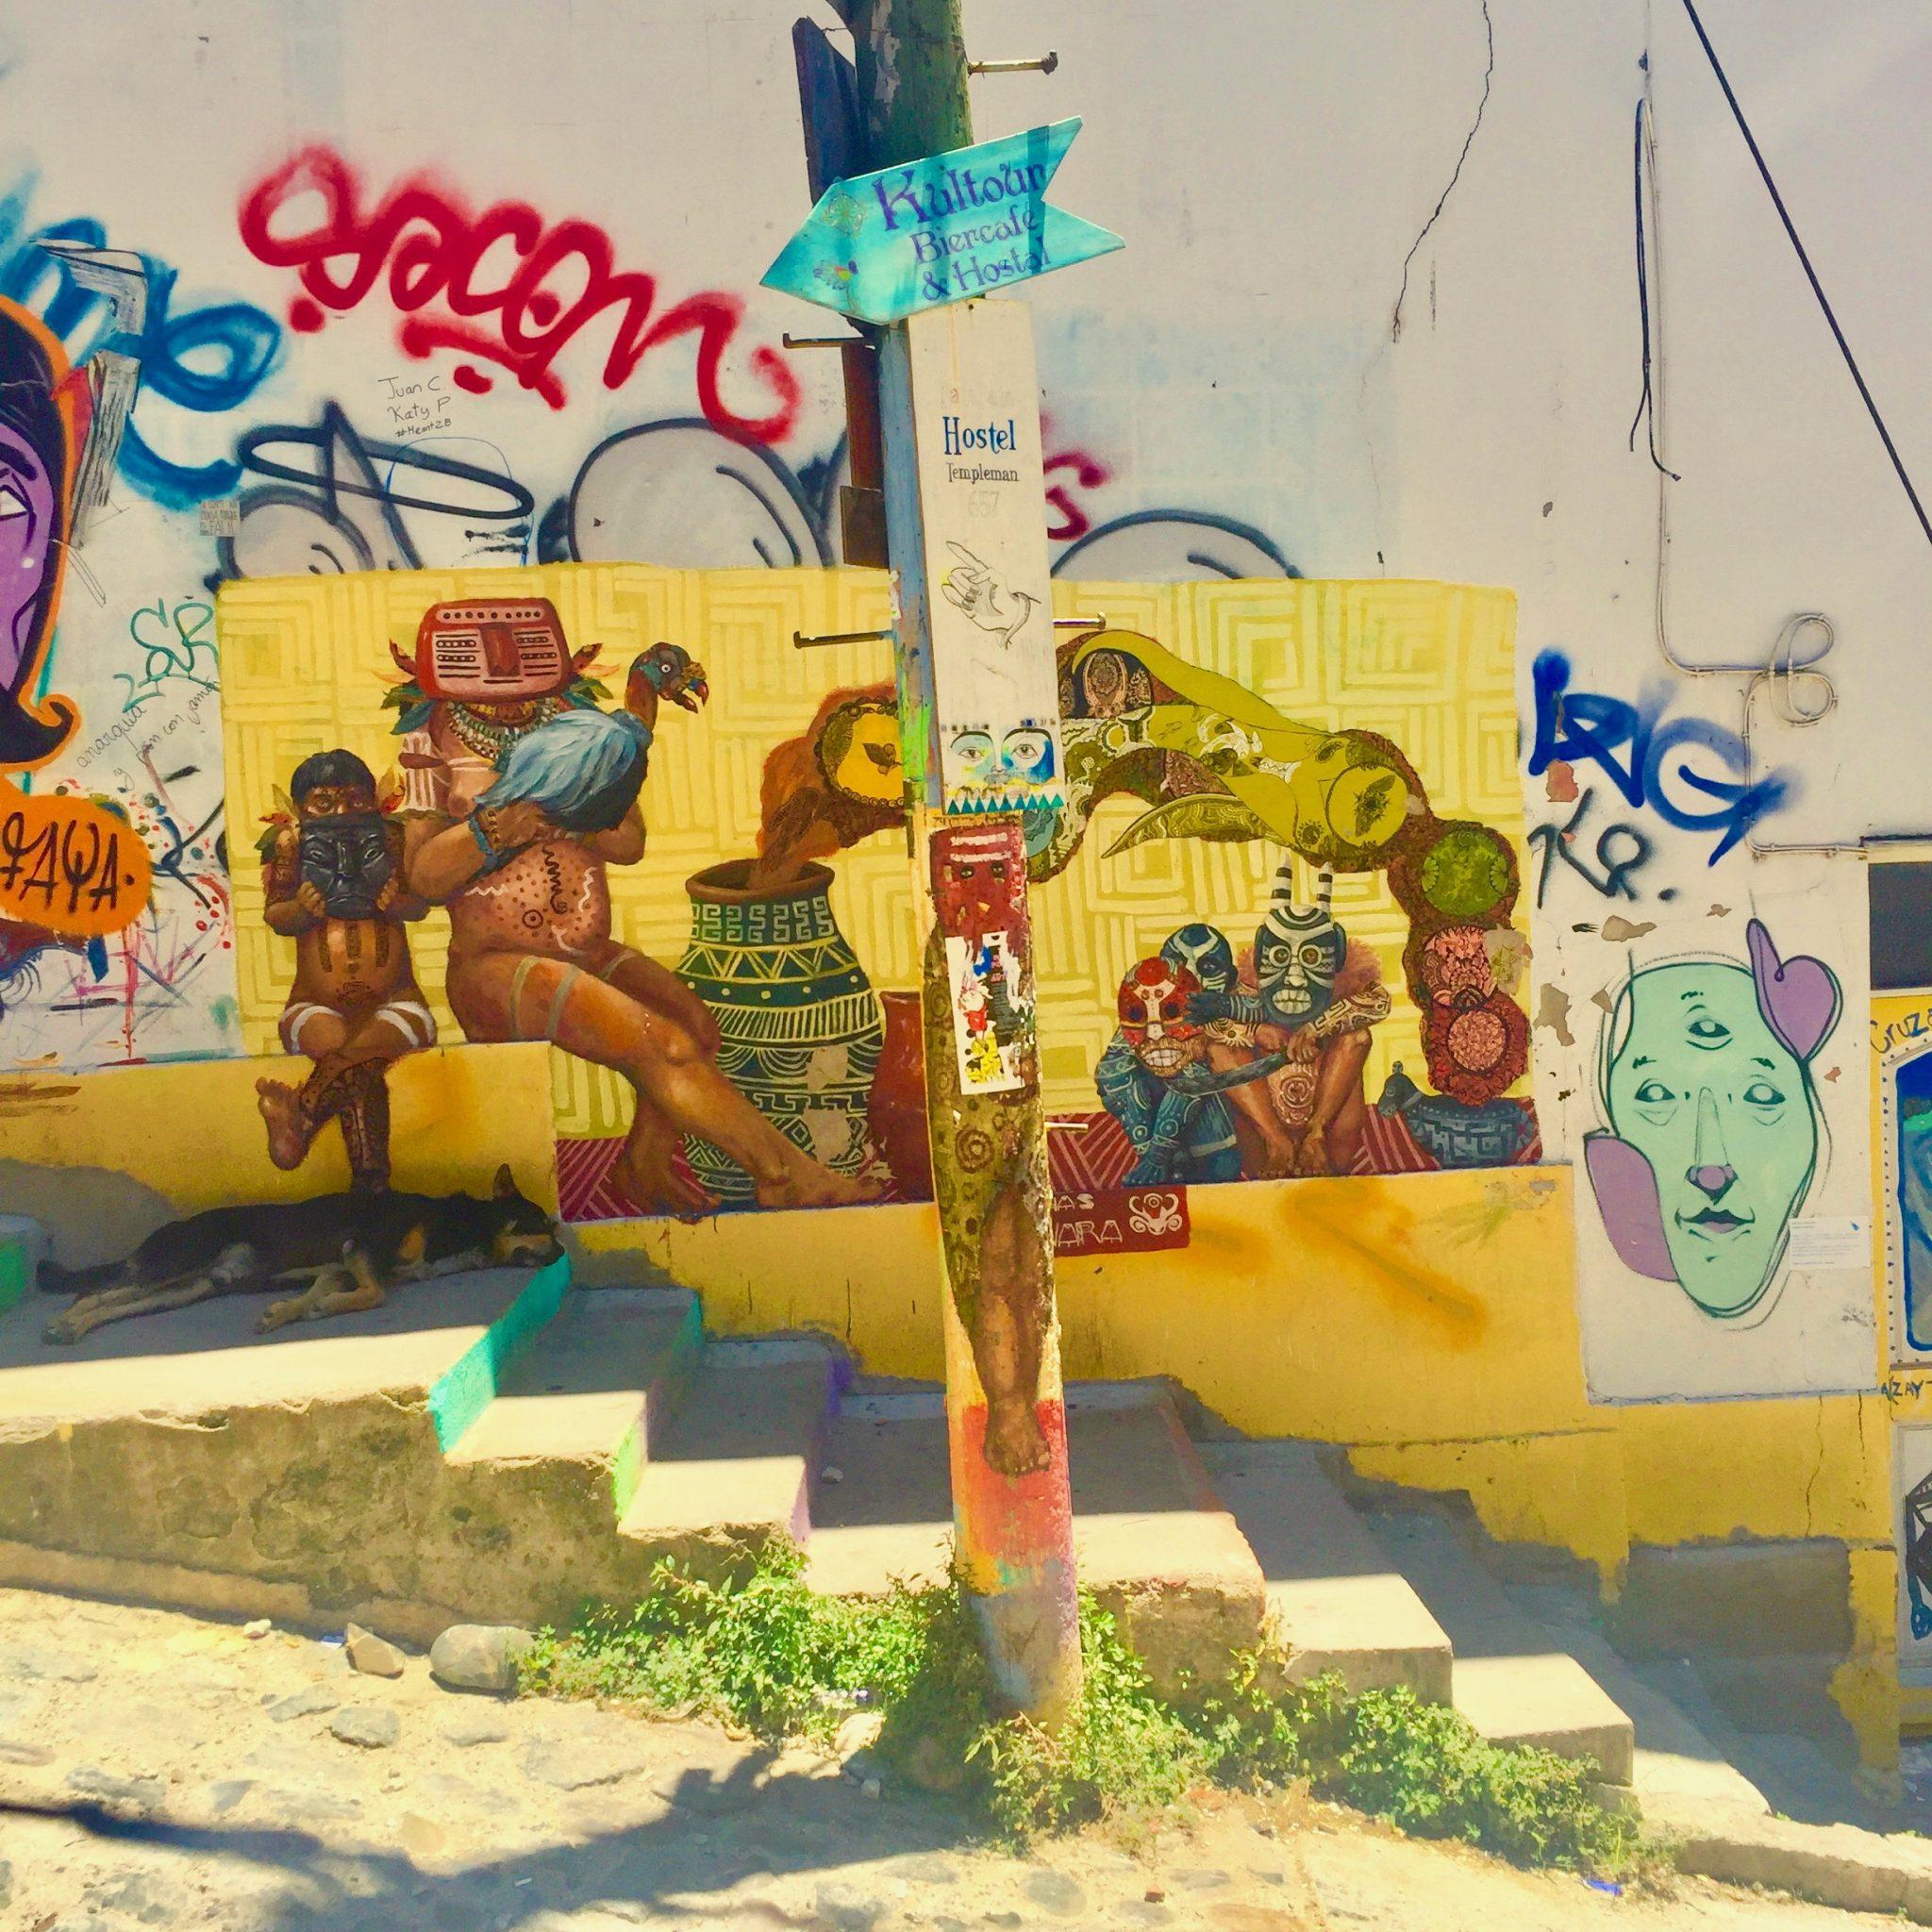 Valparaíso, Chile amazing street art